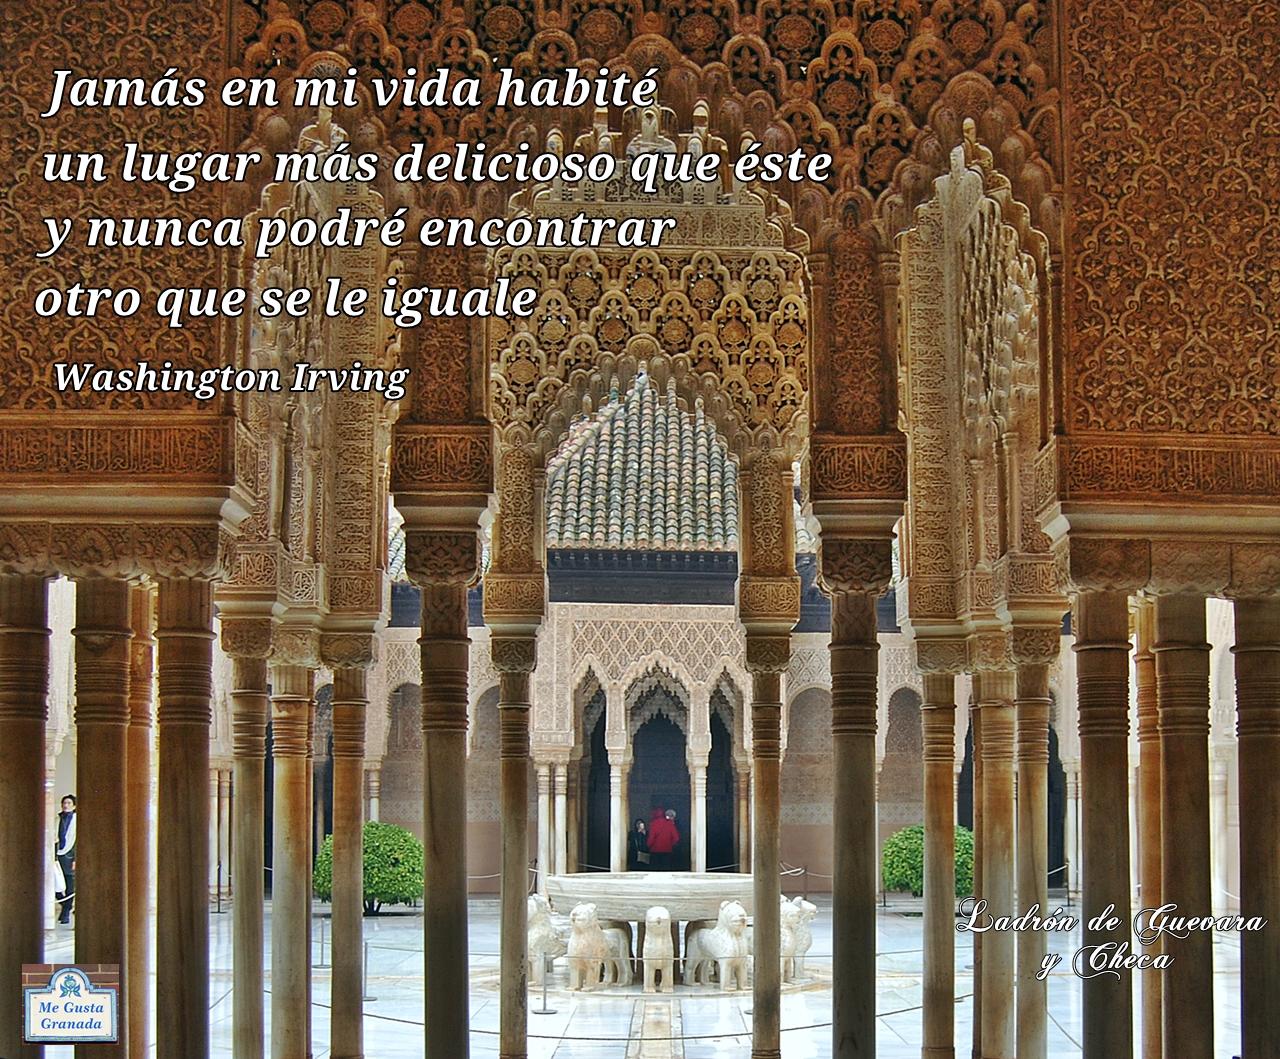 Las Frases Mas Hermosas A Granada Jamás En Mi Vida Habité